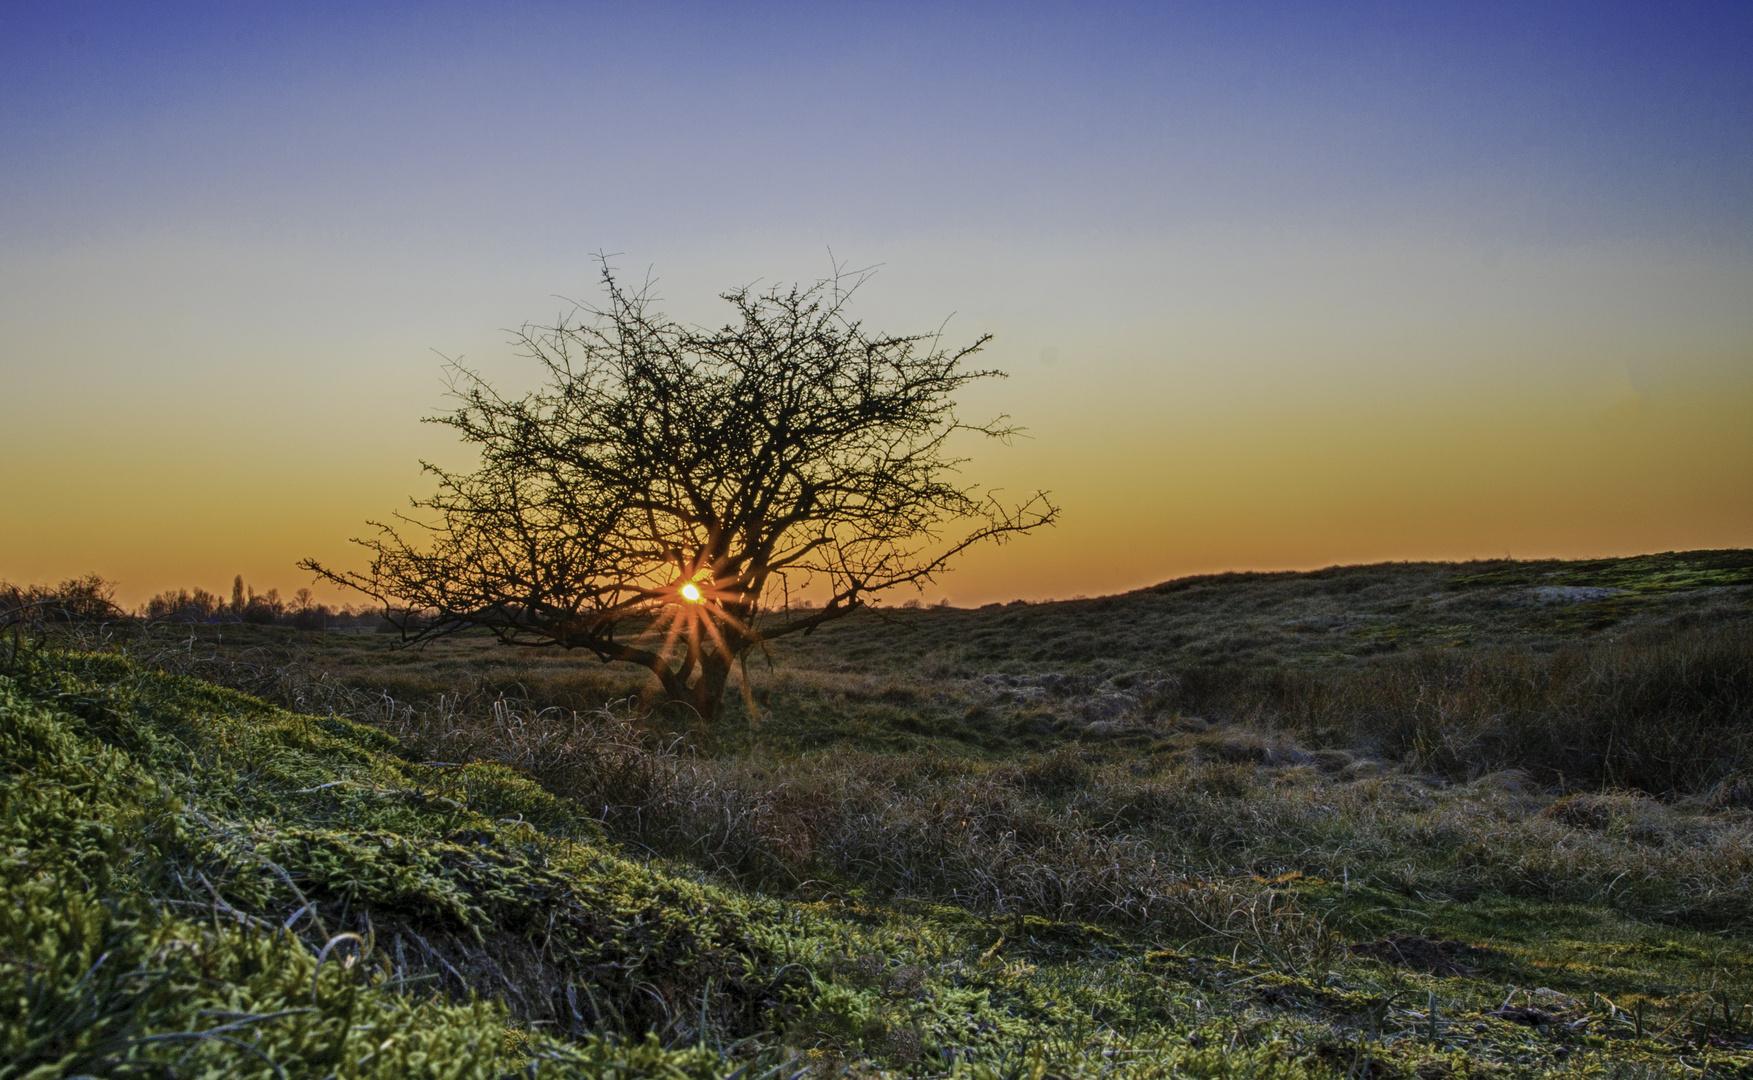 Sonnenuntergang Wisseler Dünen